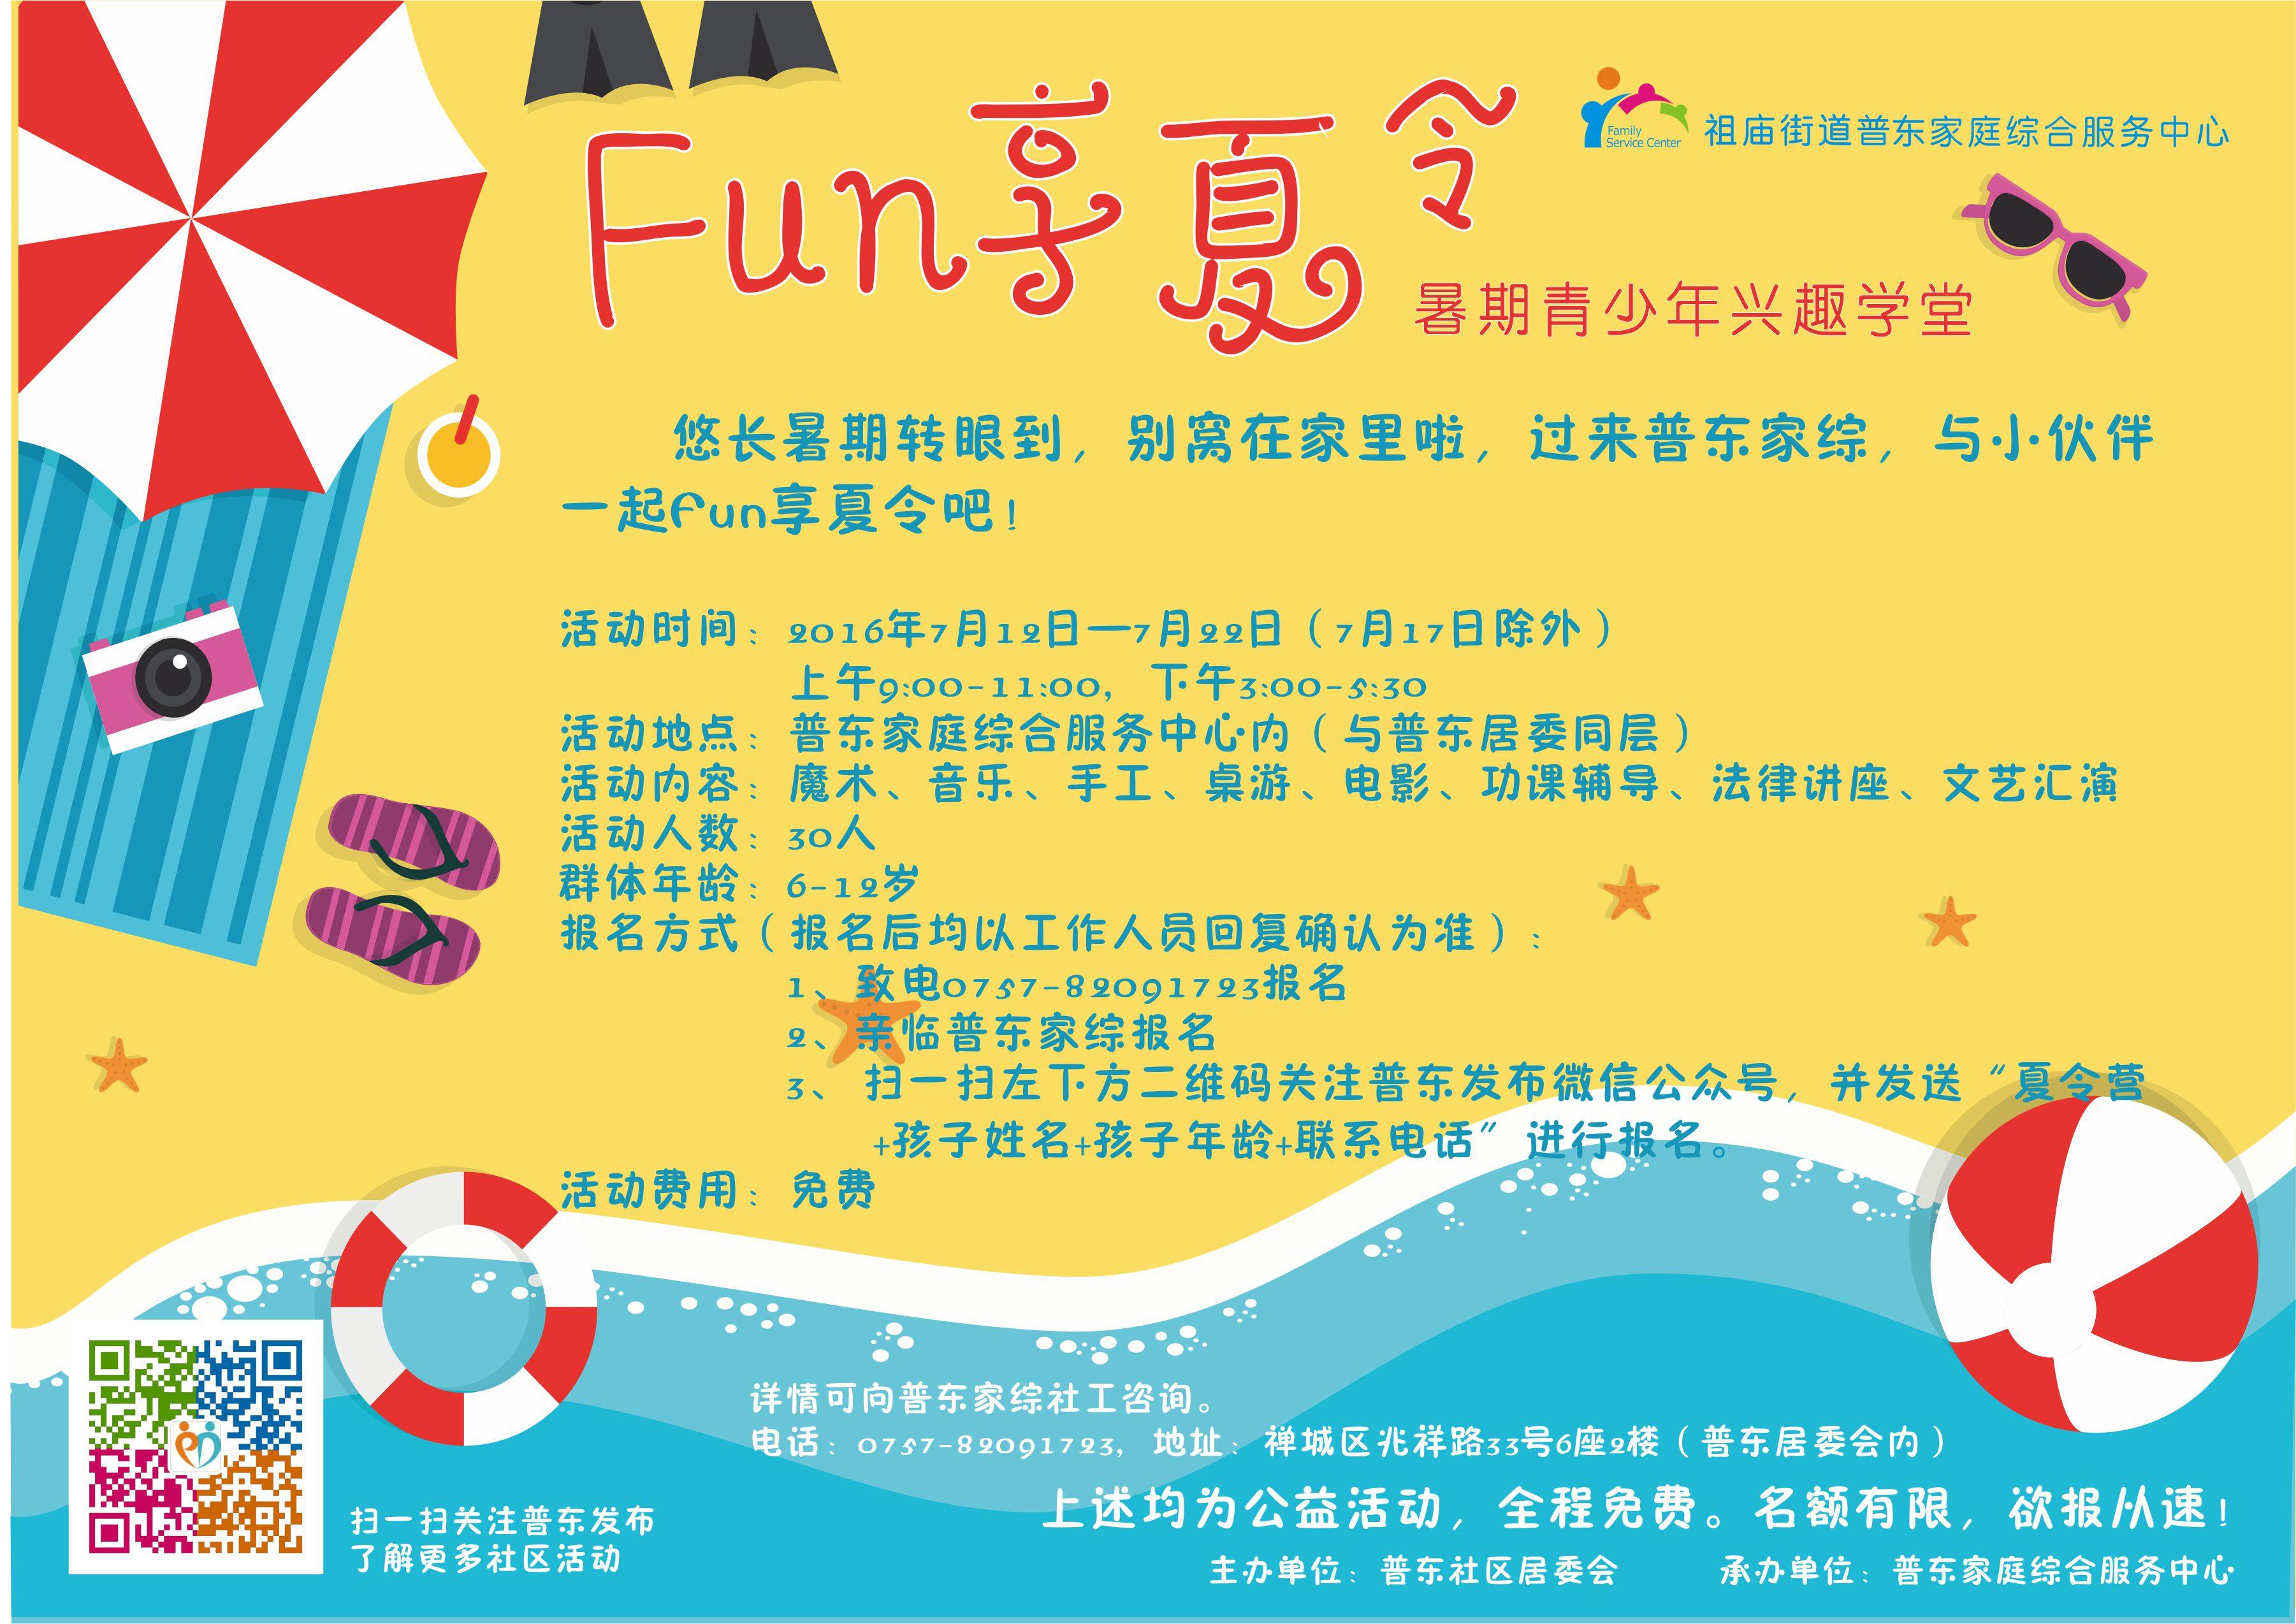 快乐暑假,Fun享一夏 ------普东社区fun享夏令暑期青少年兴趣学堂招募开始~